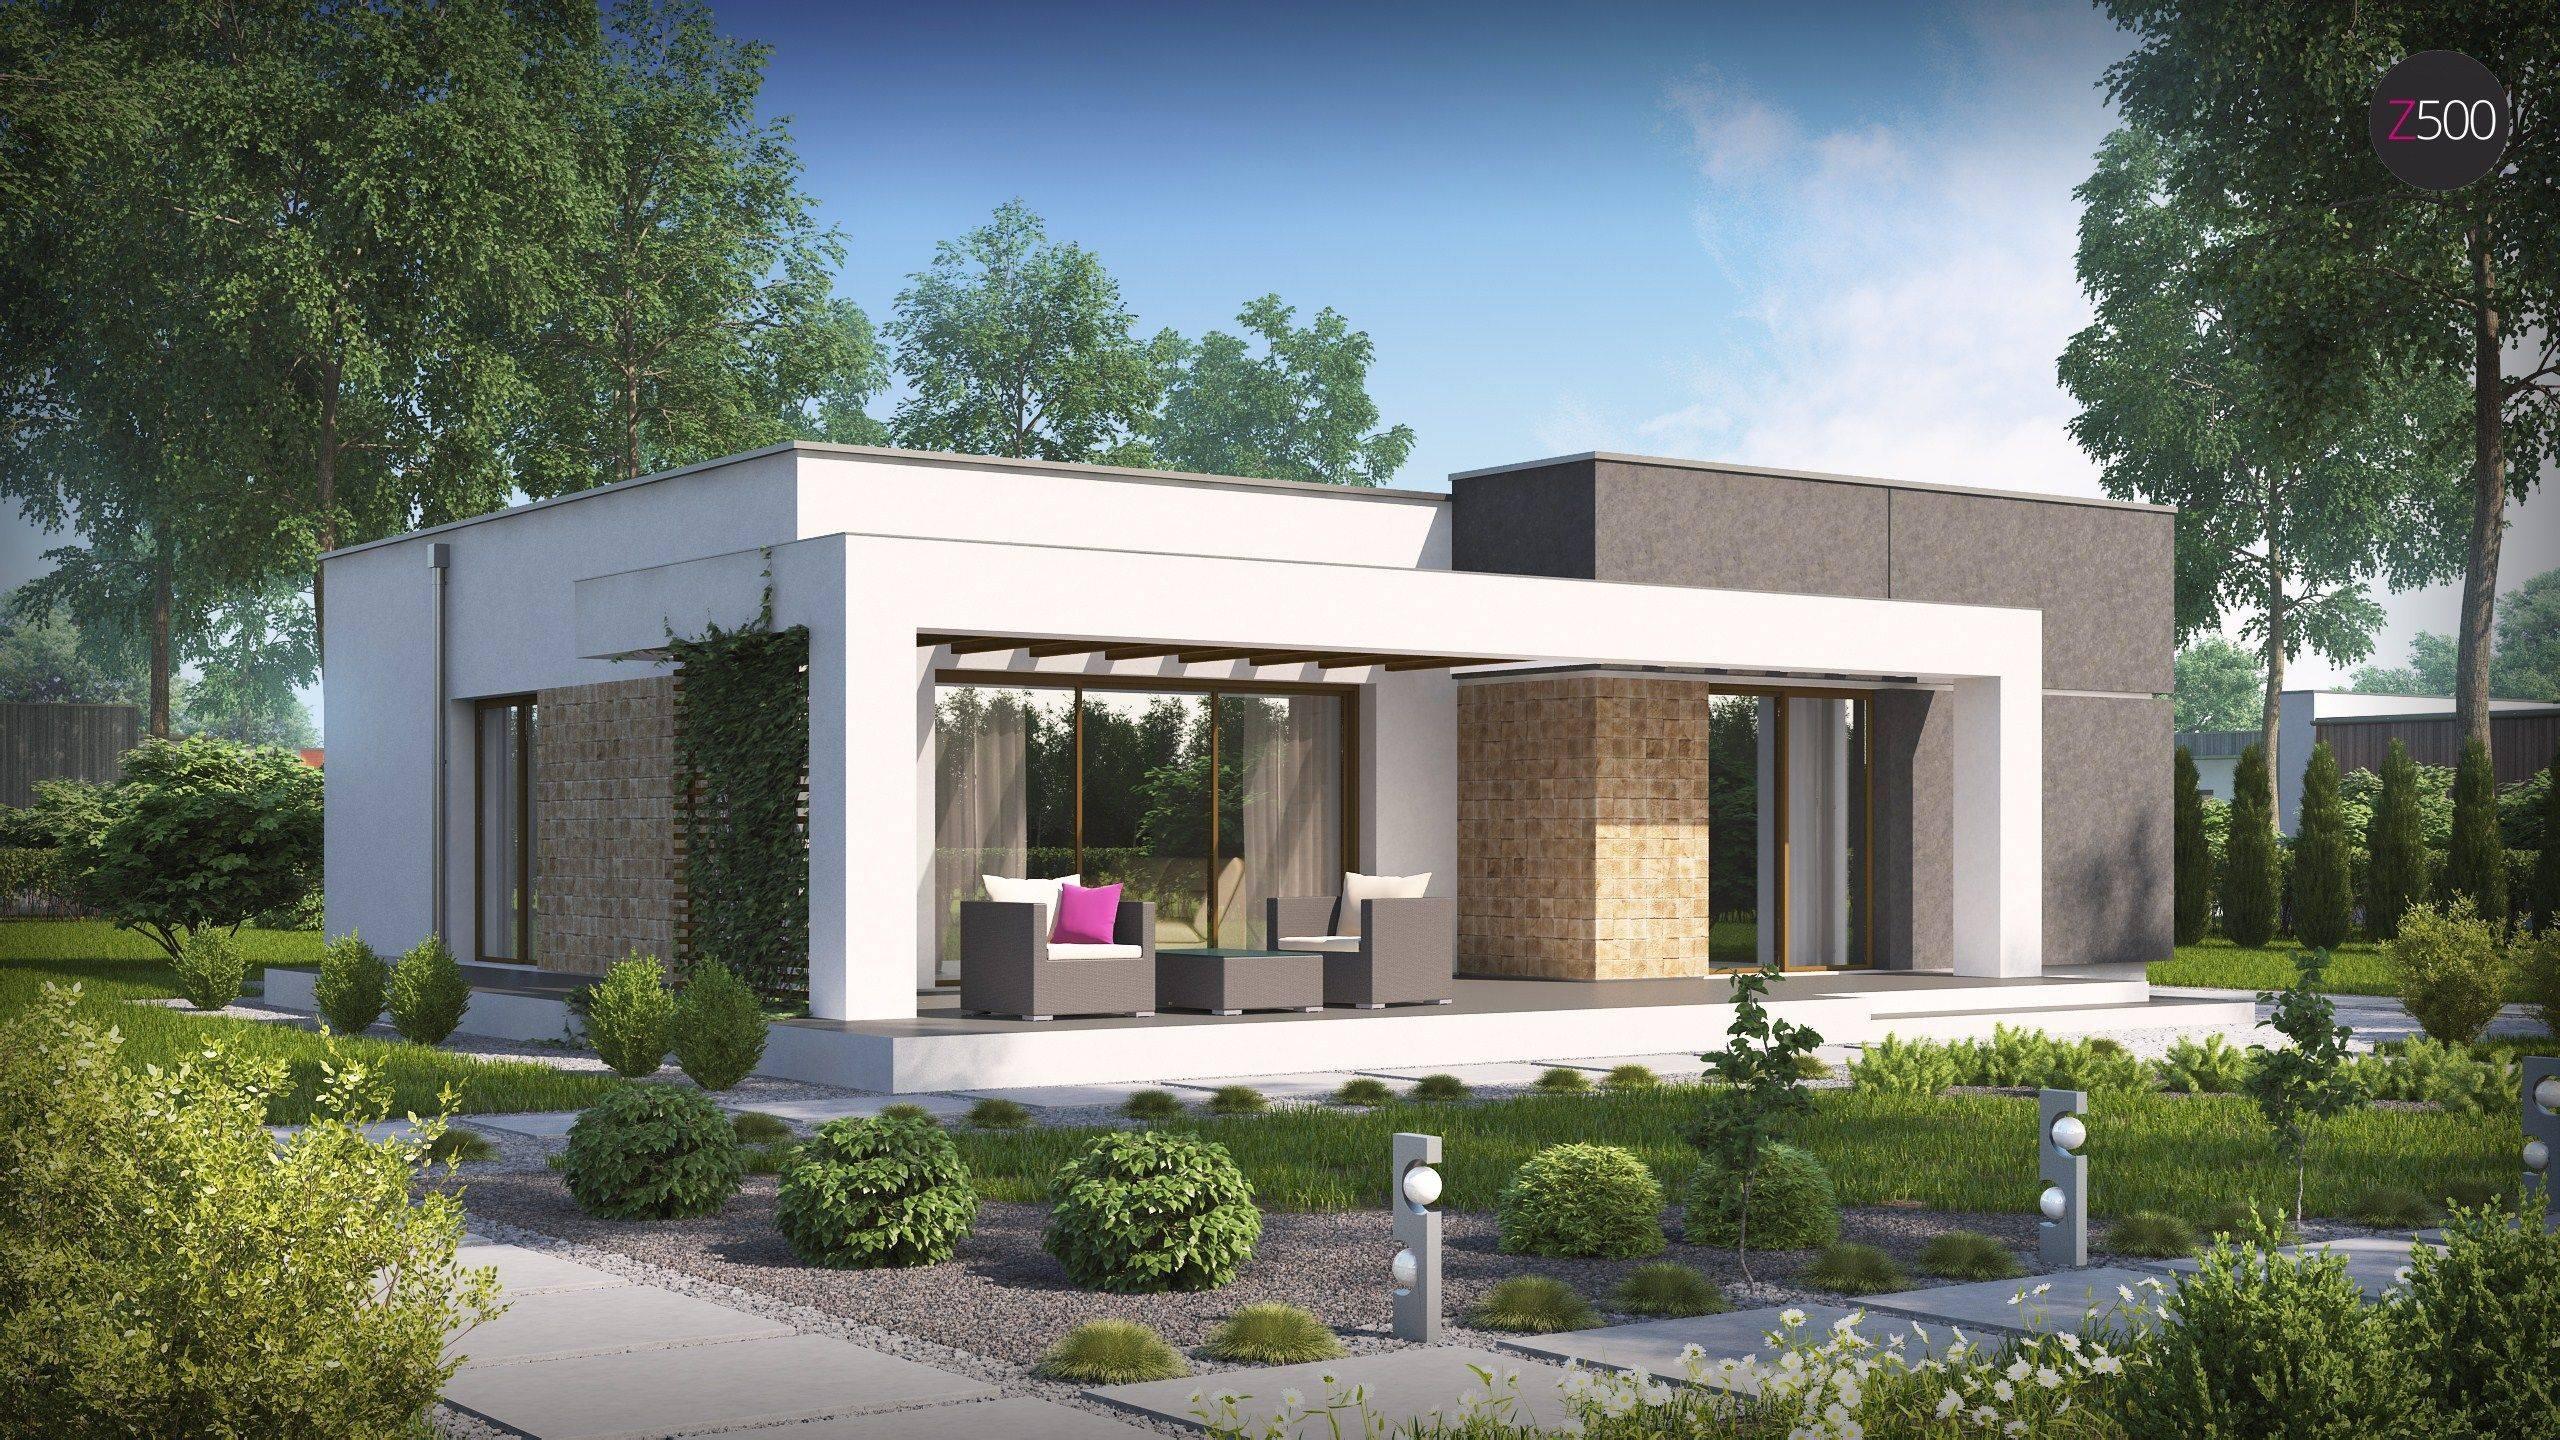 Одноэтажные дома хай-тек (48 фото): проекты домов с плоской крышей и с гаражом размером до 100 кв. м, красивые проекты из бруса и других материалов